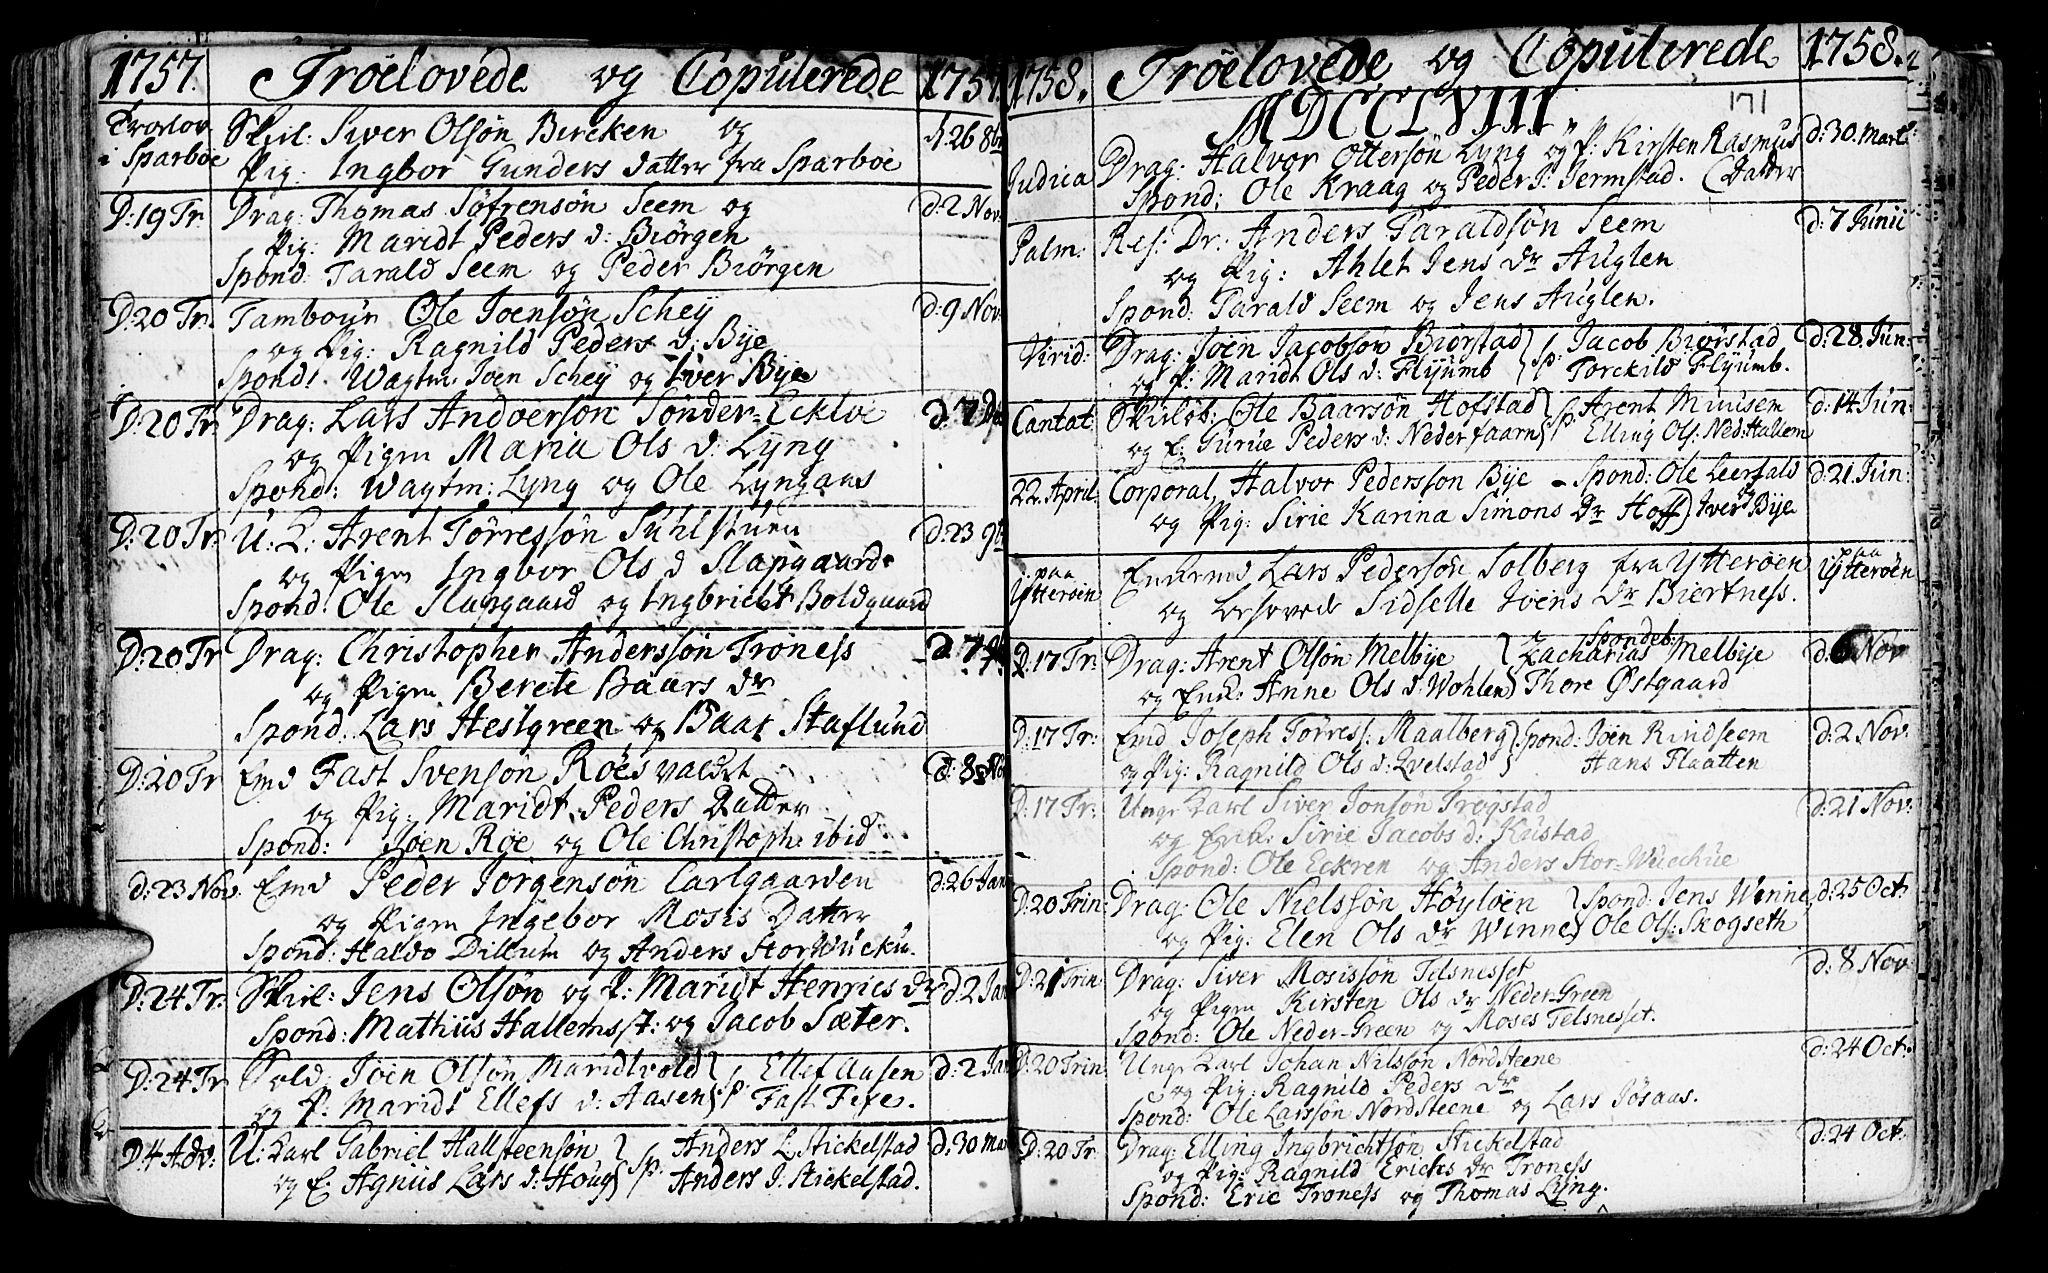 SAT, Ministerialprotokoller, klokkerbøker og fødselsregistre - Nord-Trøndelag, 723/L0231: Ministerialbok nr. 723A02, 1748-1780, s. 171